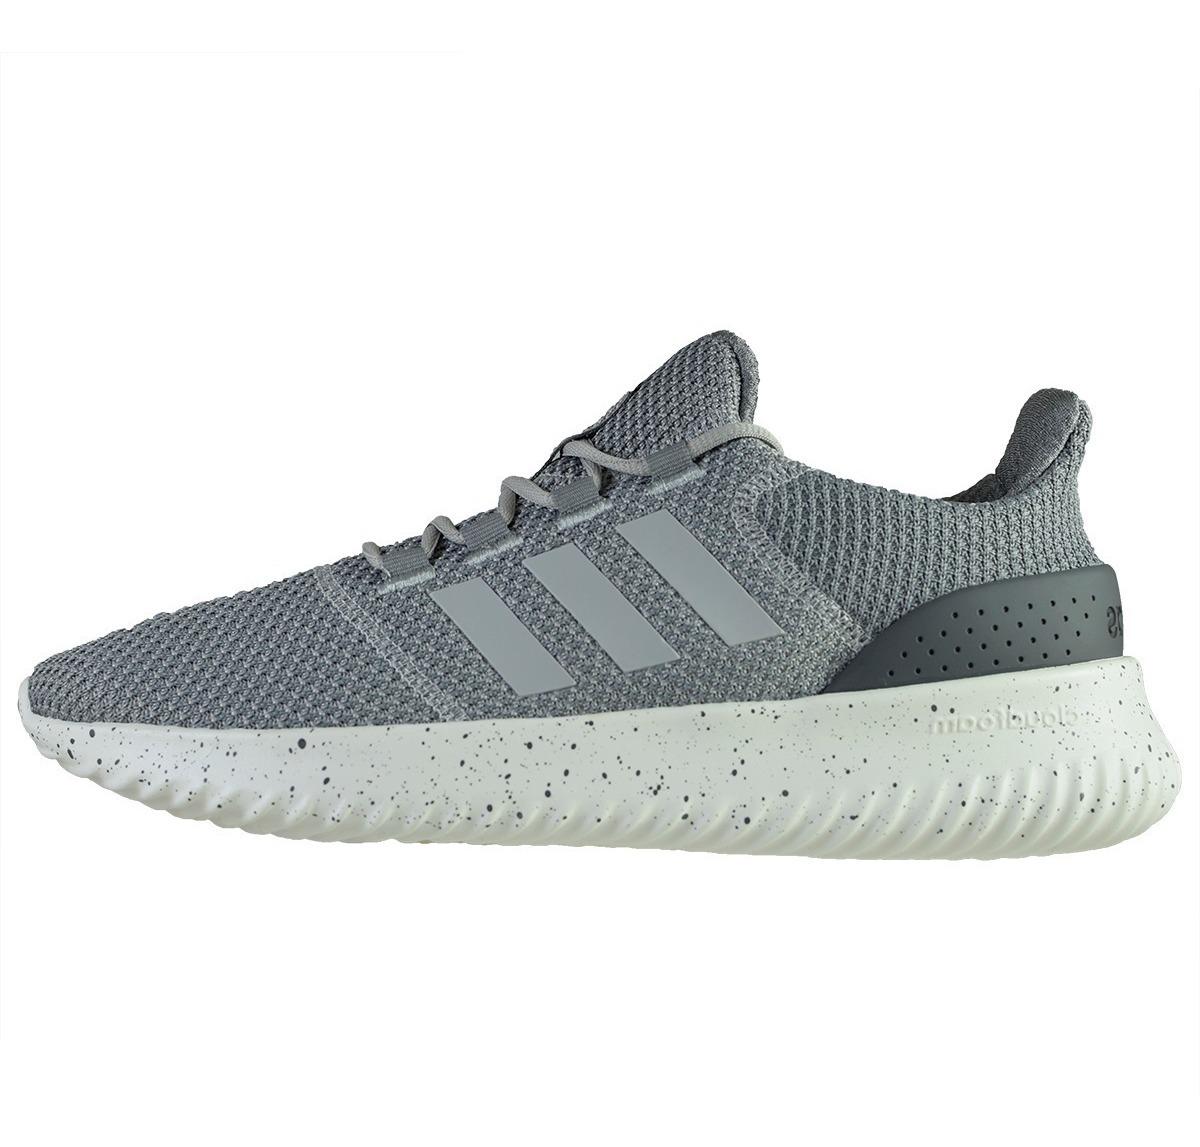 entrar labios en cualquier sitio  adidas cloudfoam hombre precio - Tienda Online de Zapatos, Ropa y  Complementos de marca